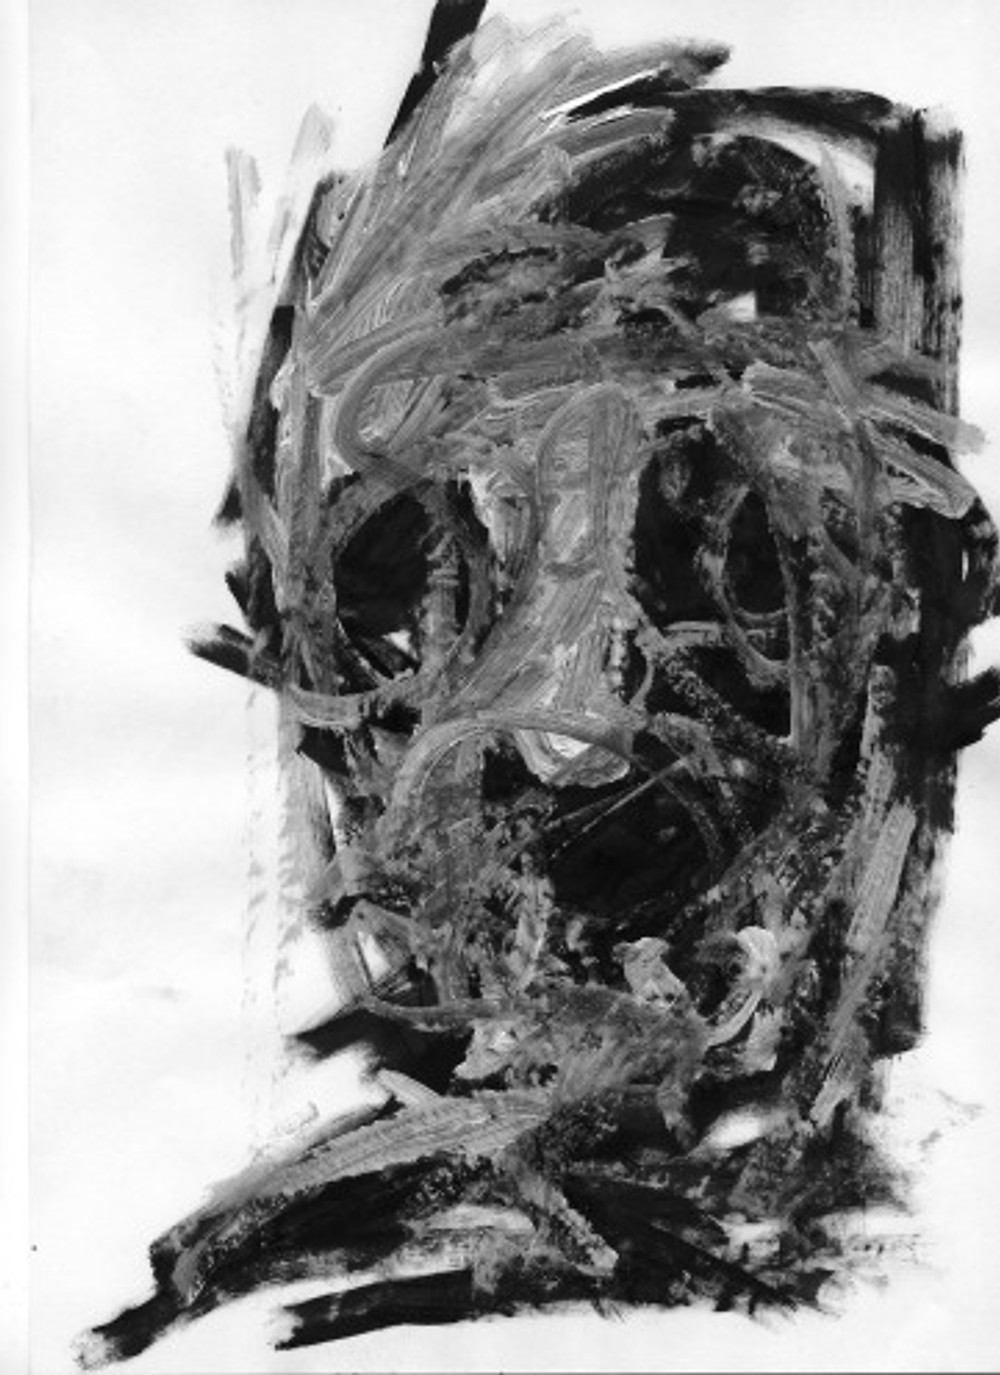 Κεφάλι 21x29,7cm μελάνι και λάδι σε χαρτί 2012